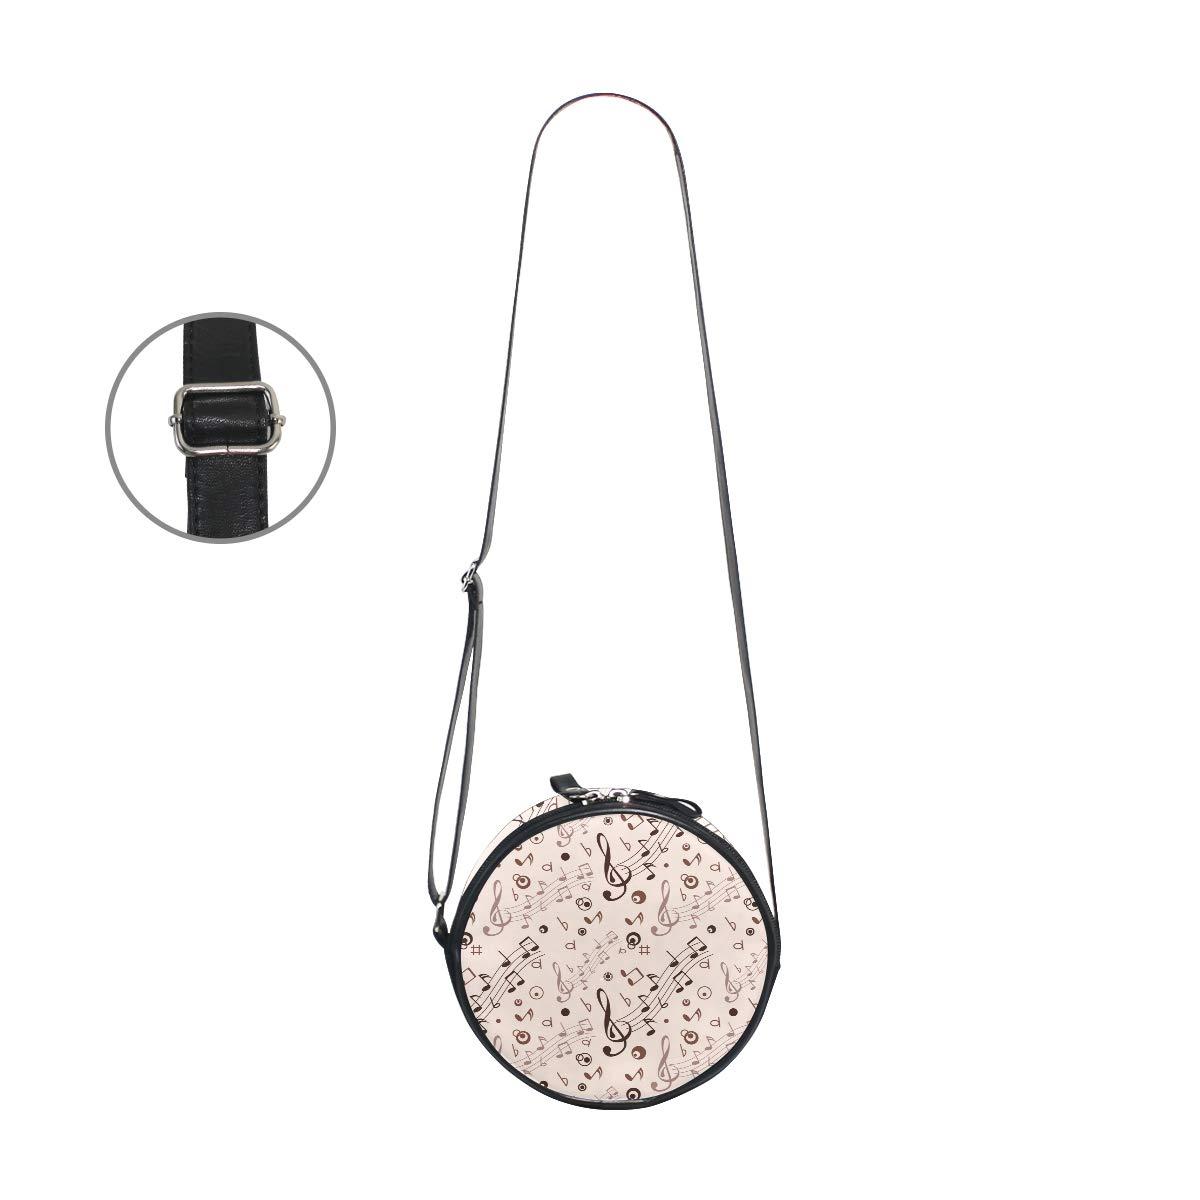 KEAKIA Musical Notes Round Crossbody Bag Shoulder Sling Bag Handbag Purse Satchel Shoulder Bag for Kids Women